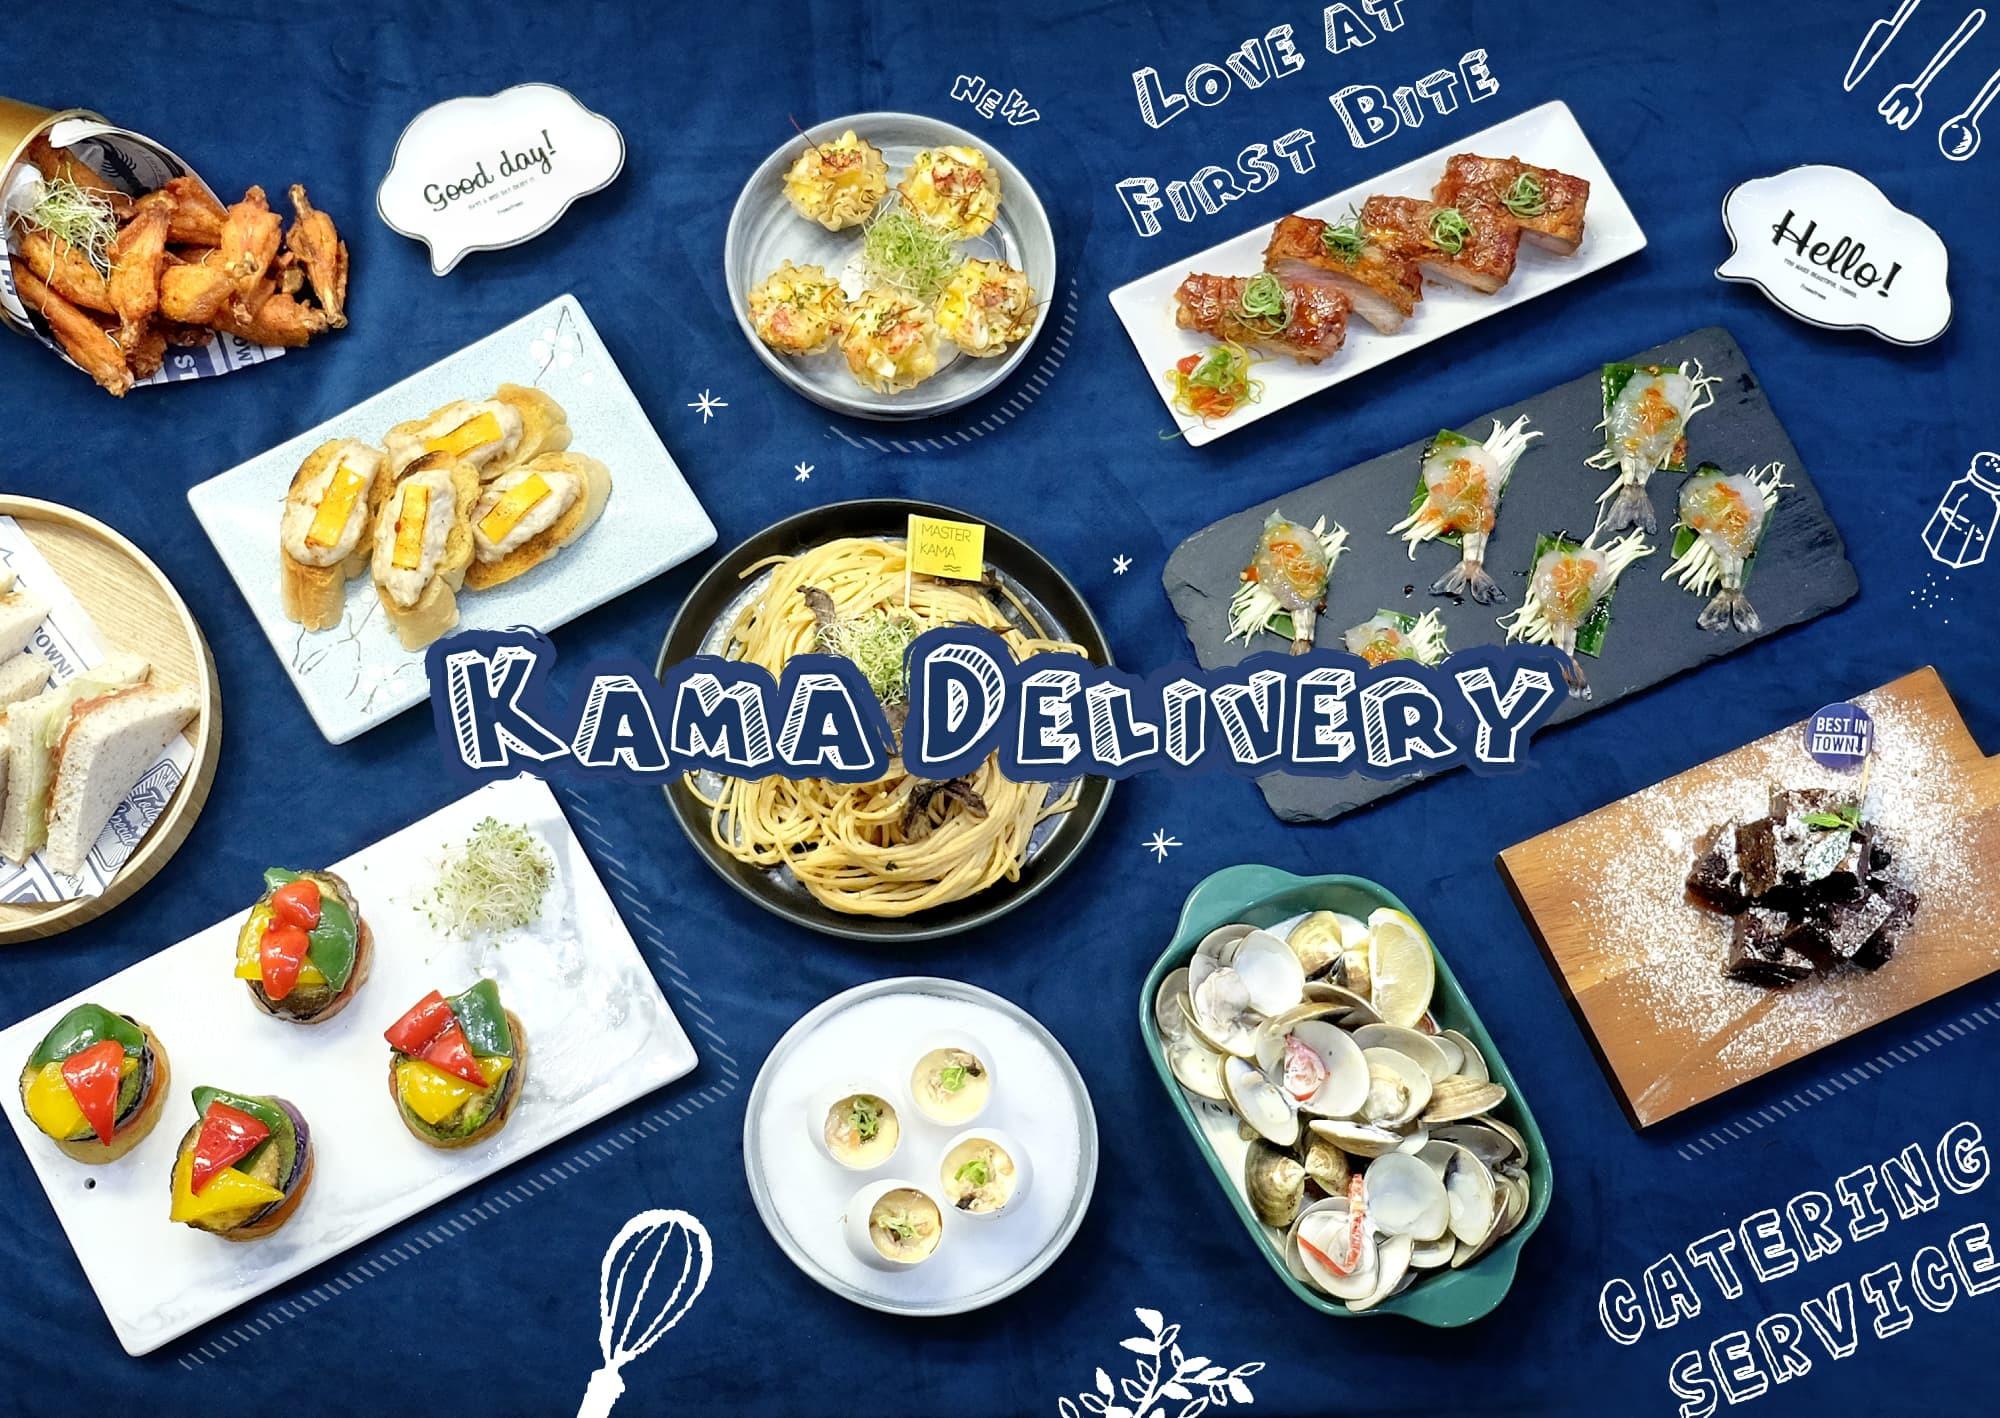 93人外賣套餐預訂|Kama Delivery為大型Party製作各款西式食品,並可為你的派對度身訂造個性化Menu及按人數調整食物份量。